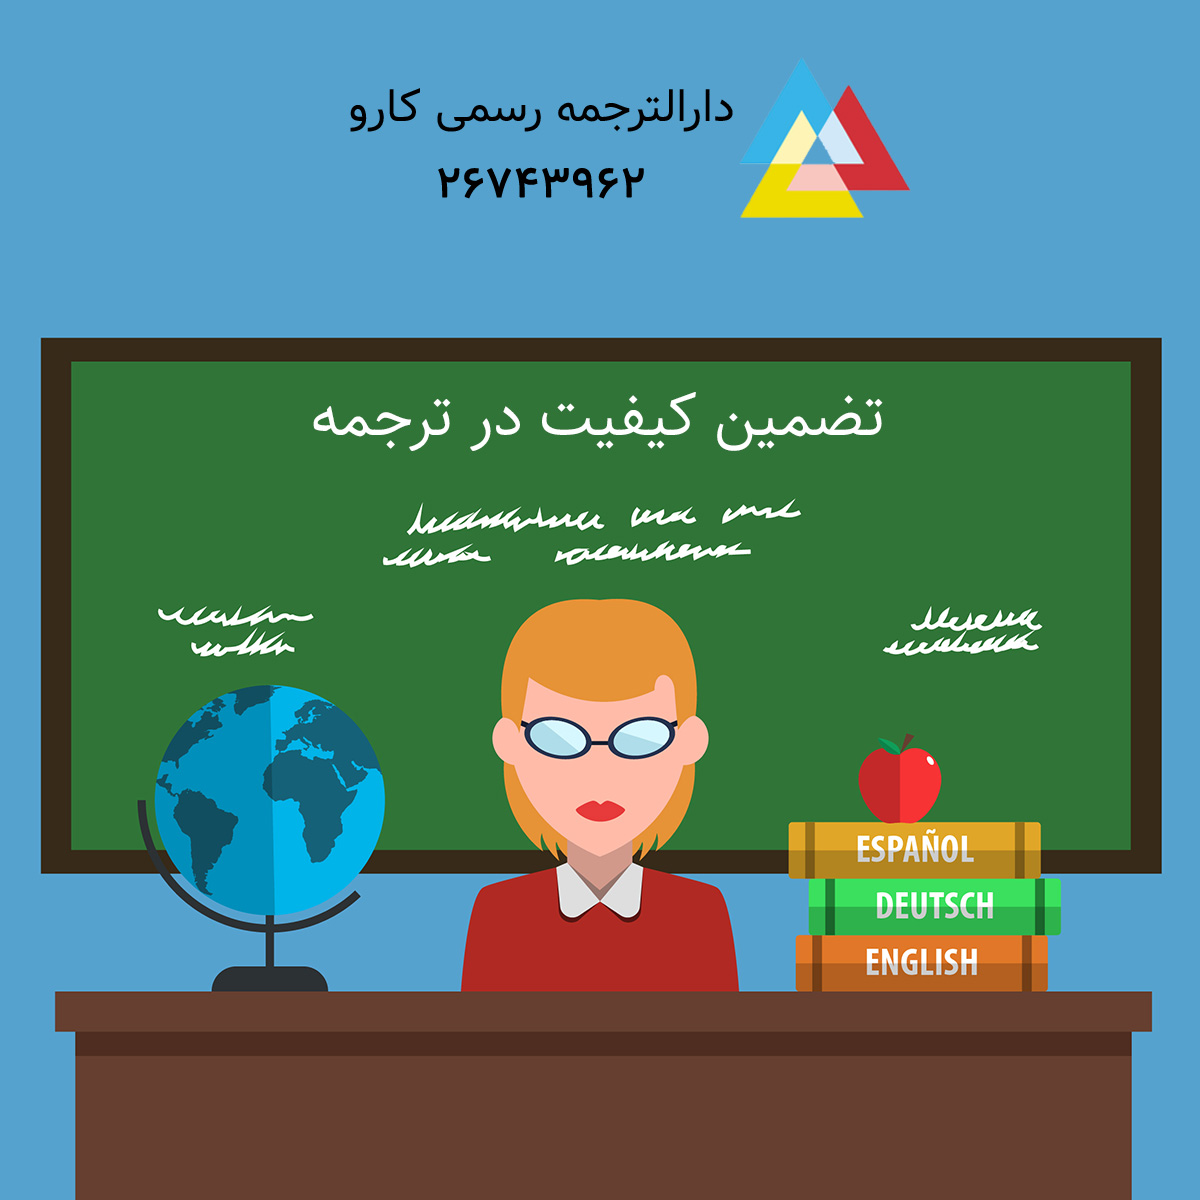 تضمین کیفیت ترجمه